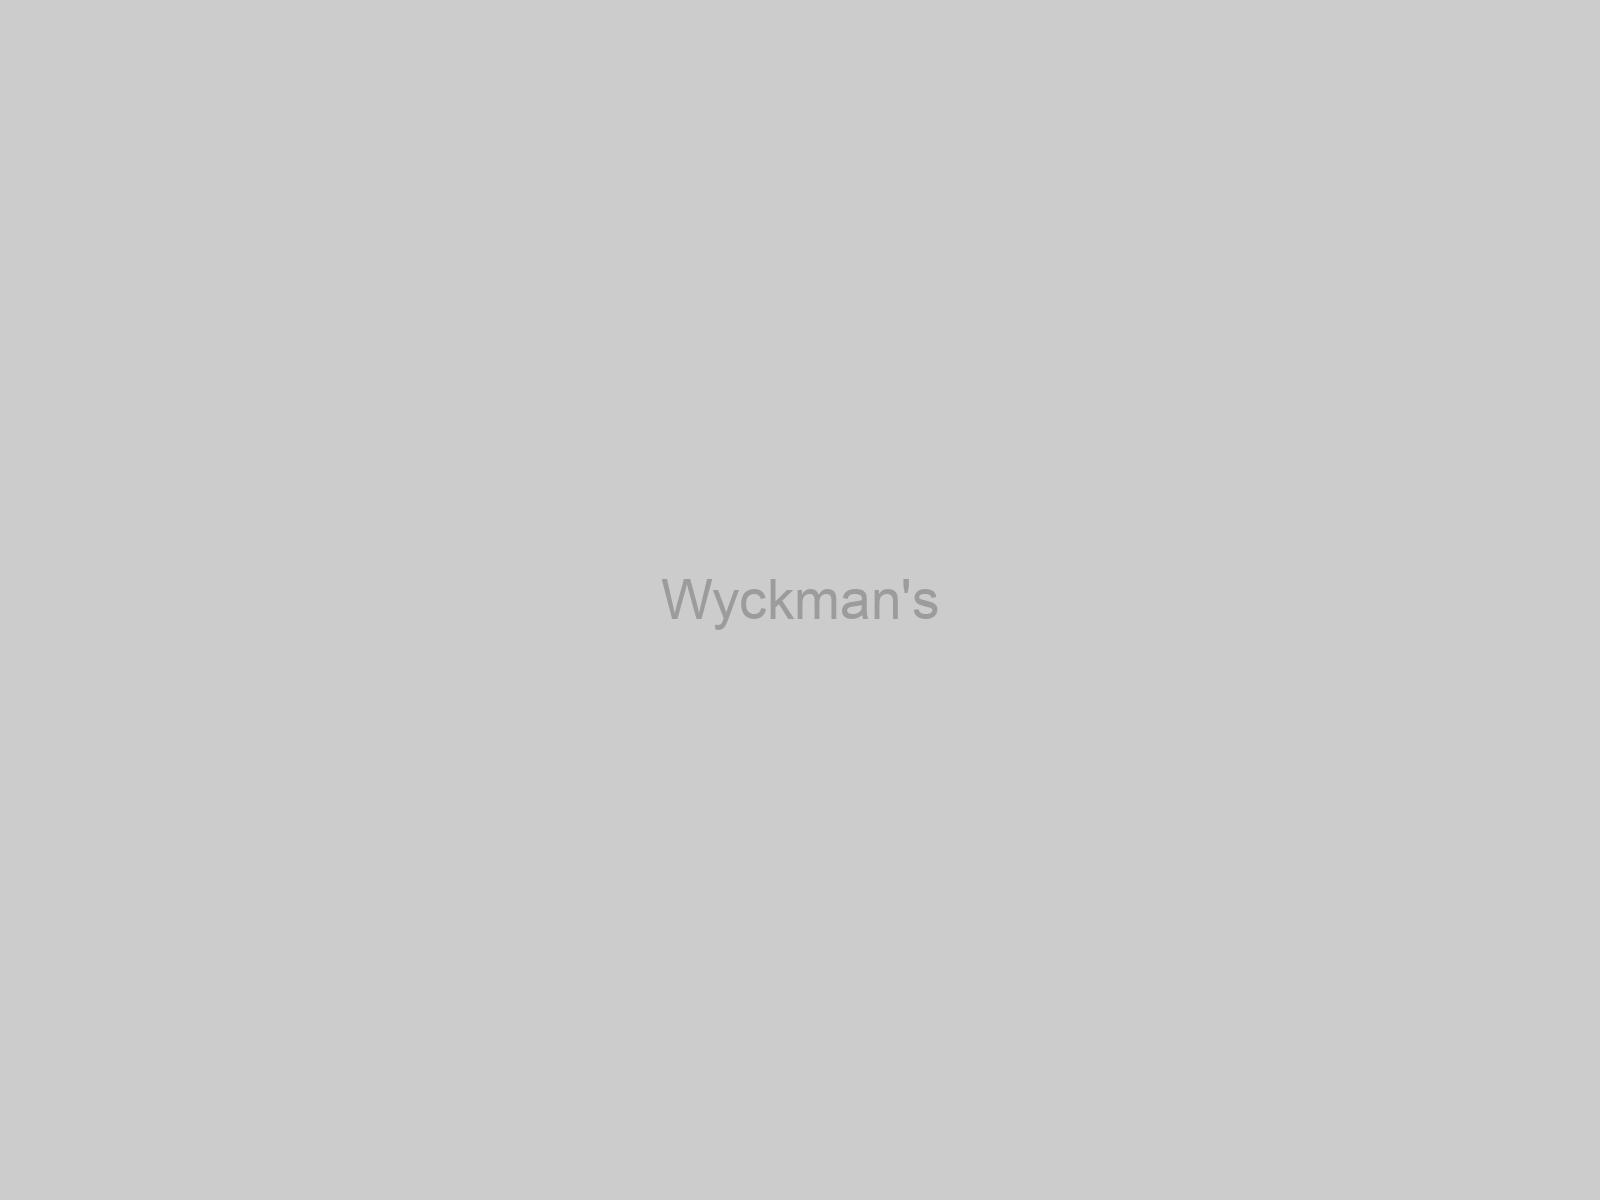 Wyckman's